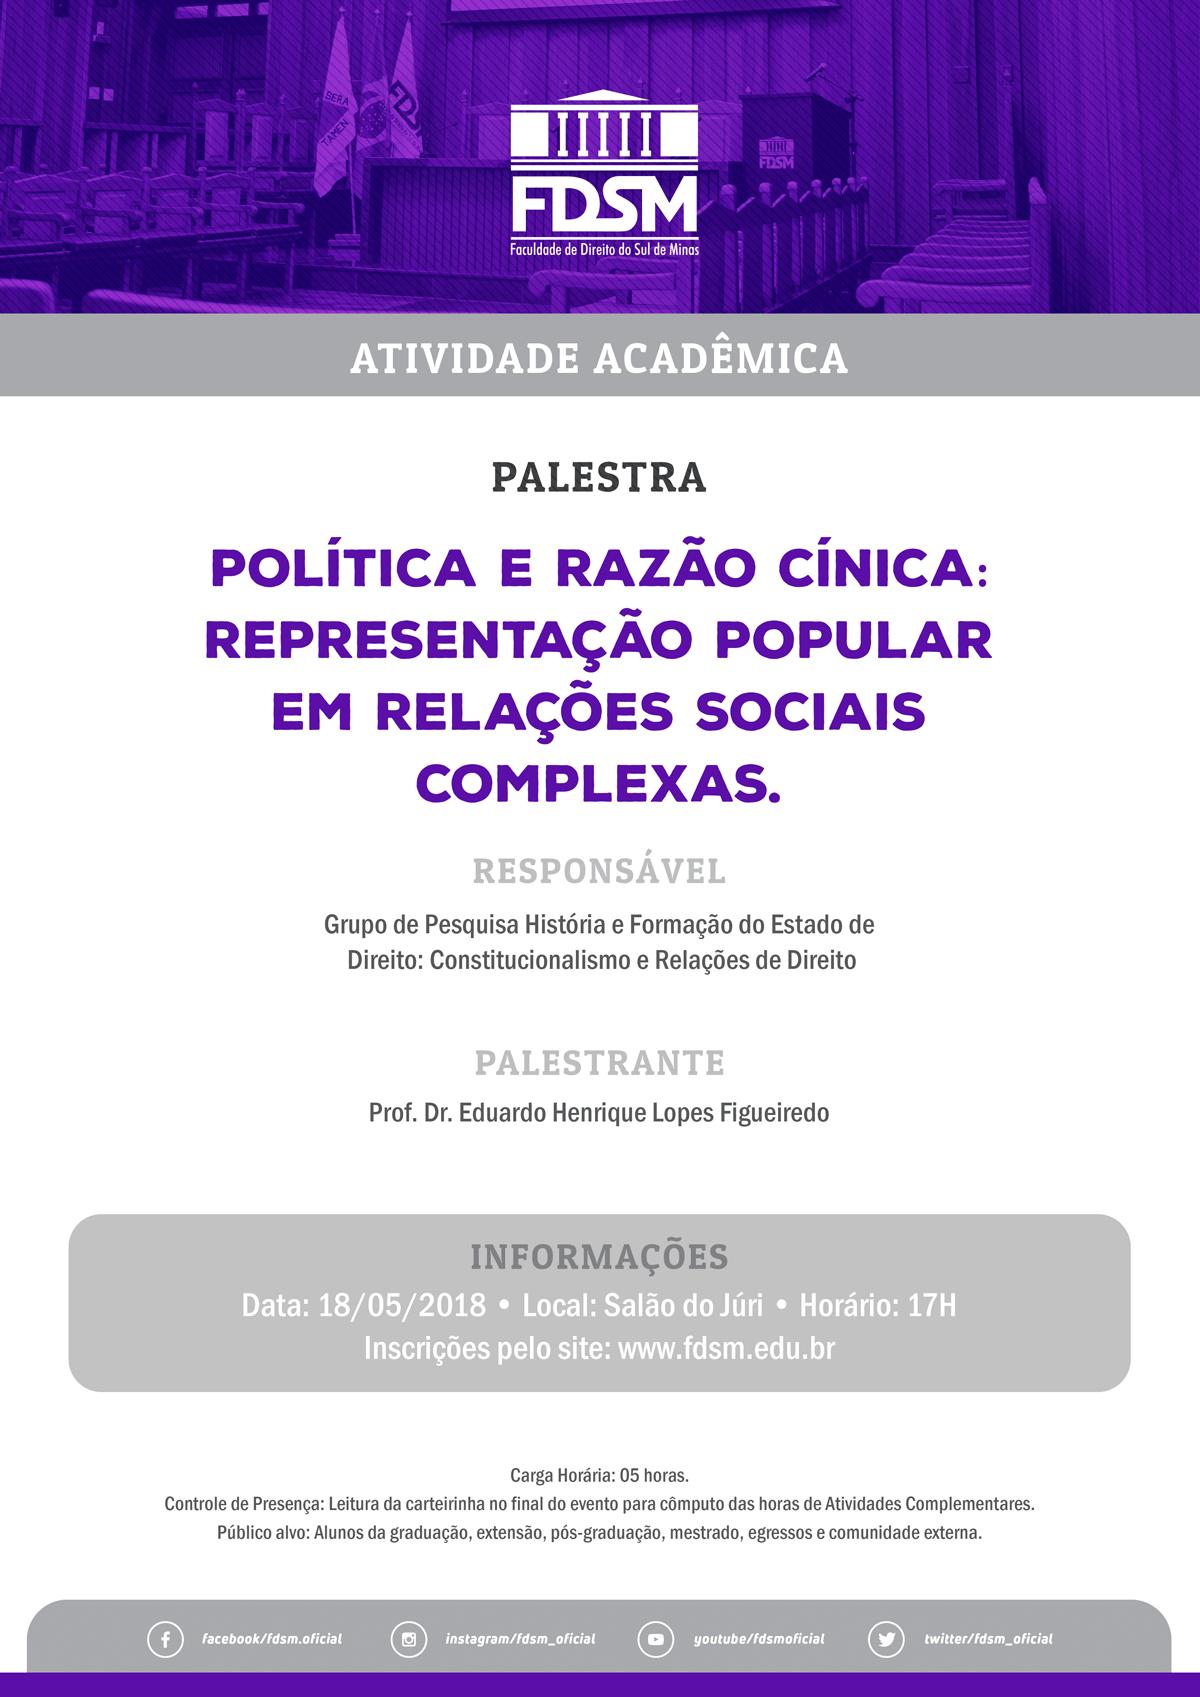 Política e Razão Cínica: representação popular em relações sociais complexas